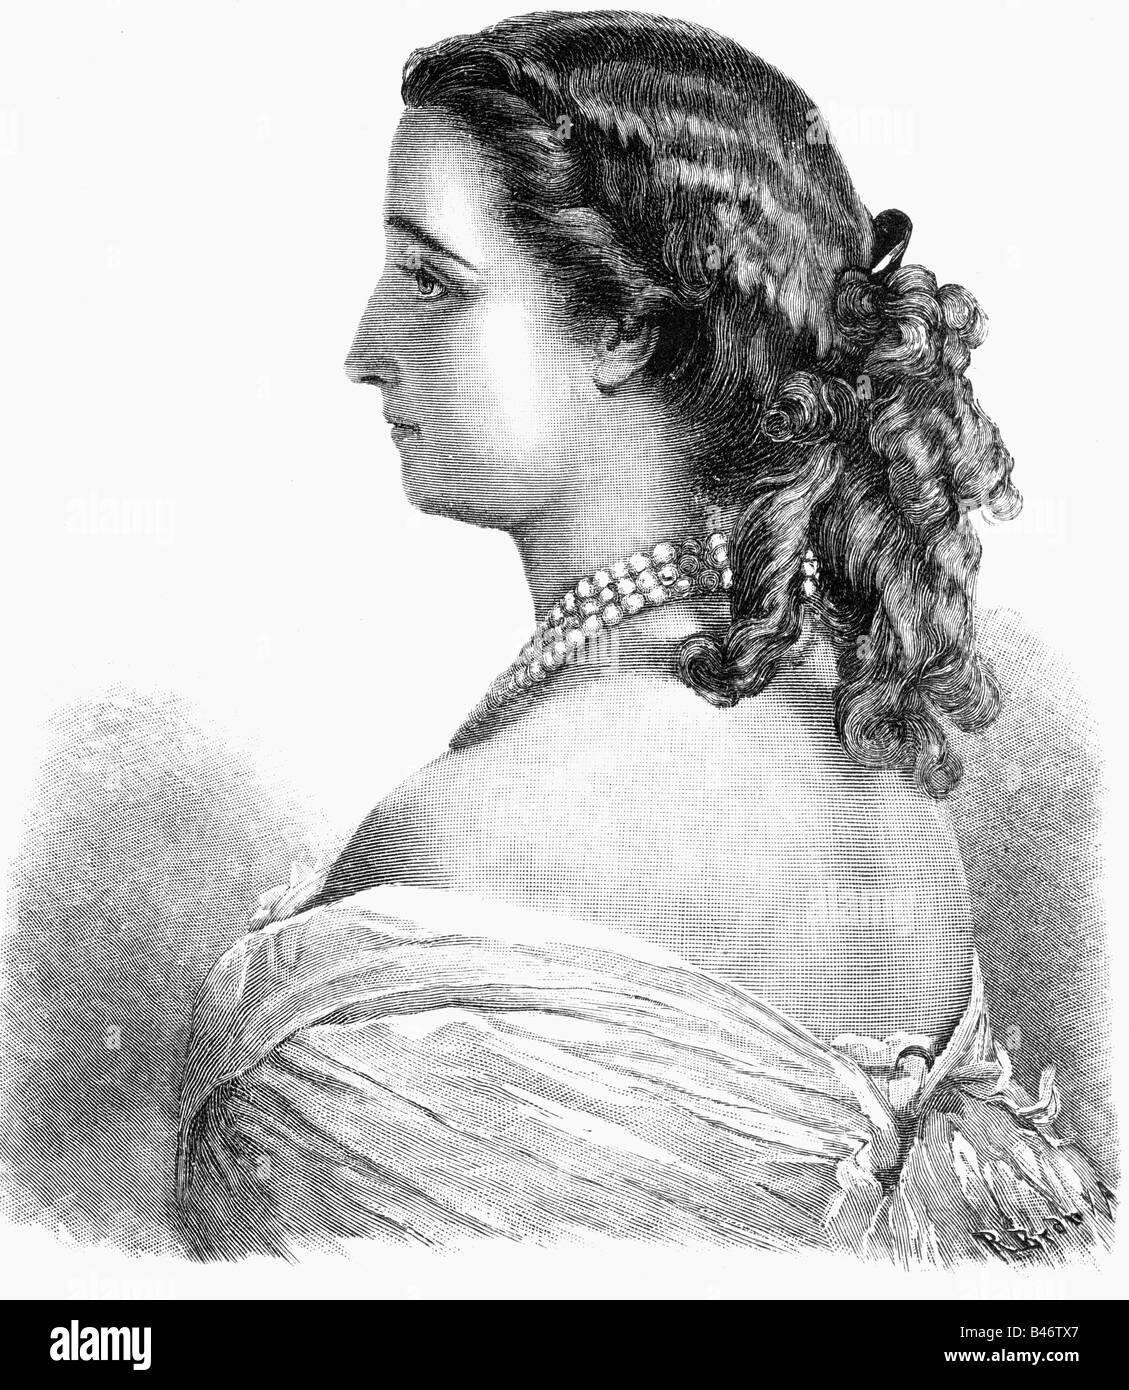 Eugenie, 5.5.1826 - 11.7.1920, Emperatriz Consorte de Francia 30.1.1853 - 4.9.1870, de longitud media, grabado en Foto de stock